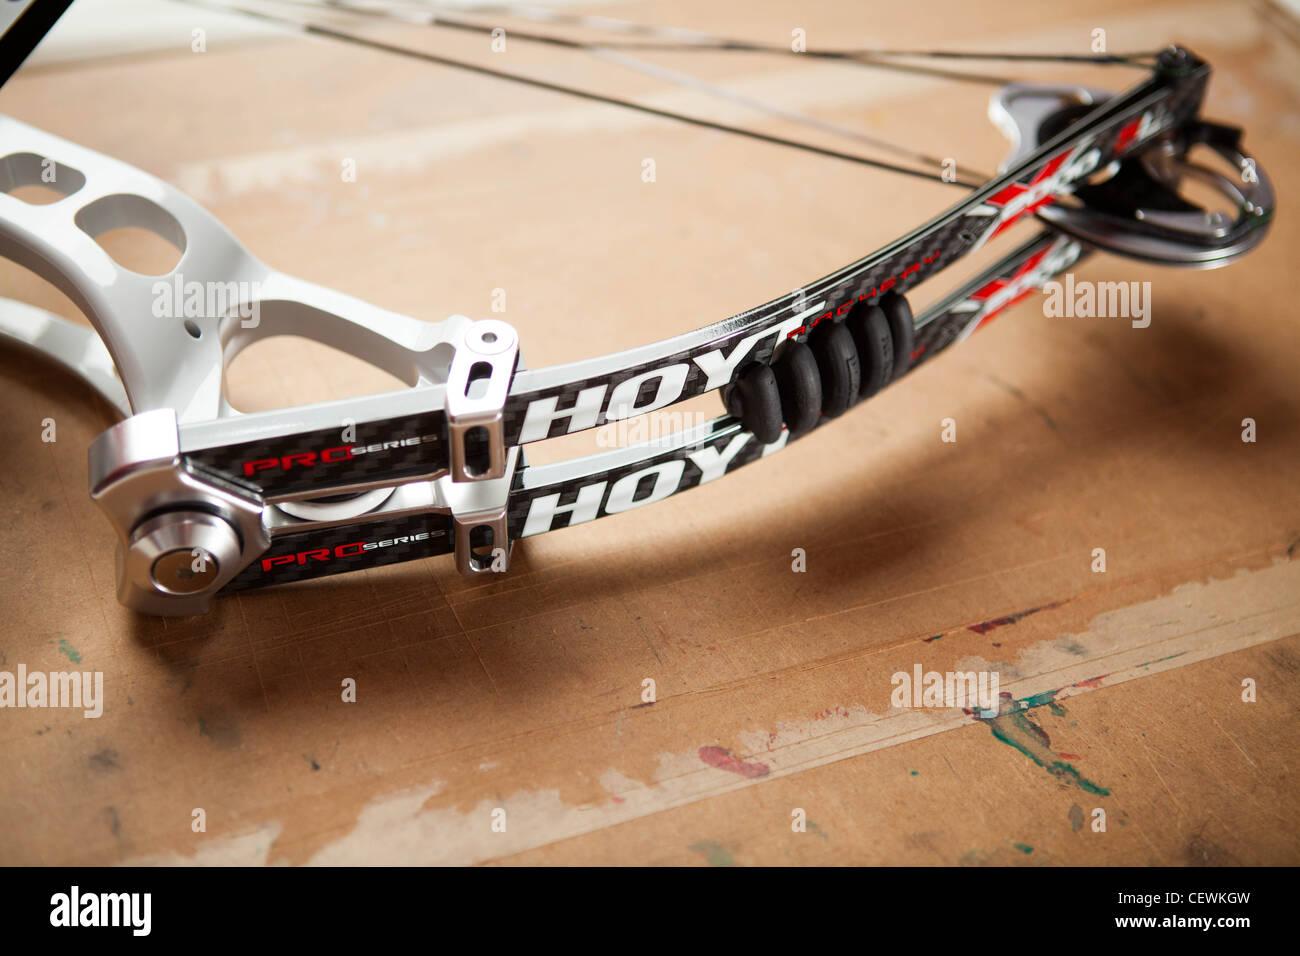 Hoyt Contender Elite arco compuesto en blanco Foto de stock